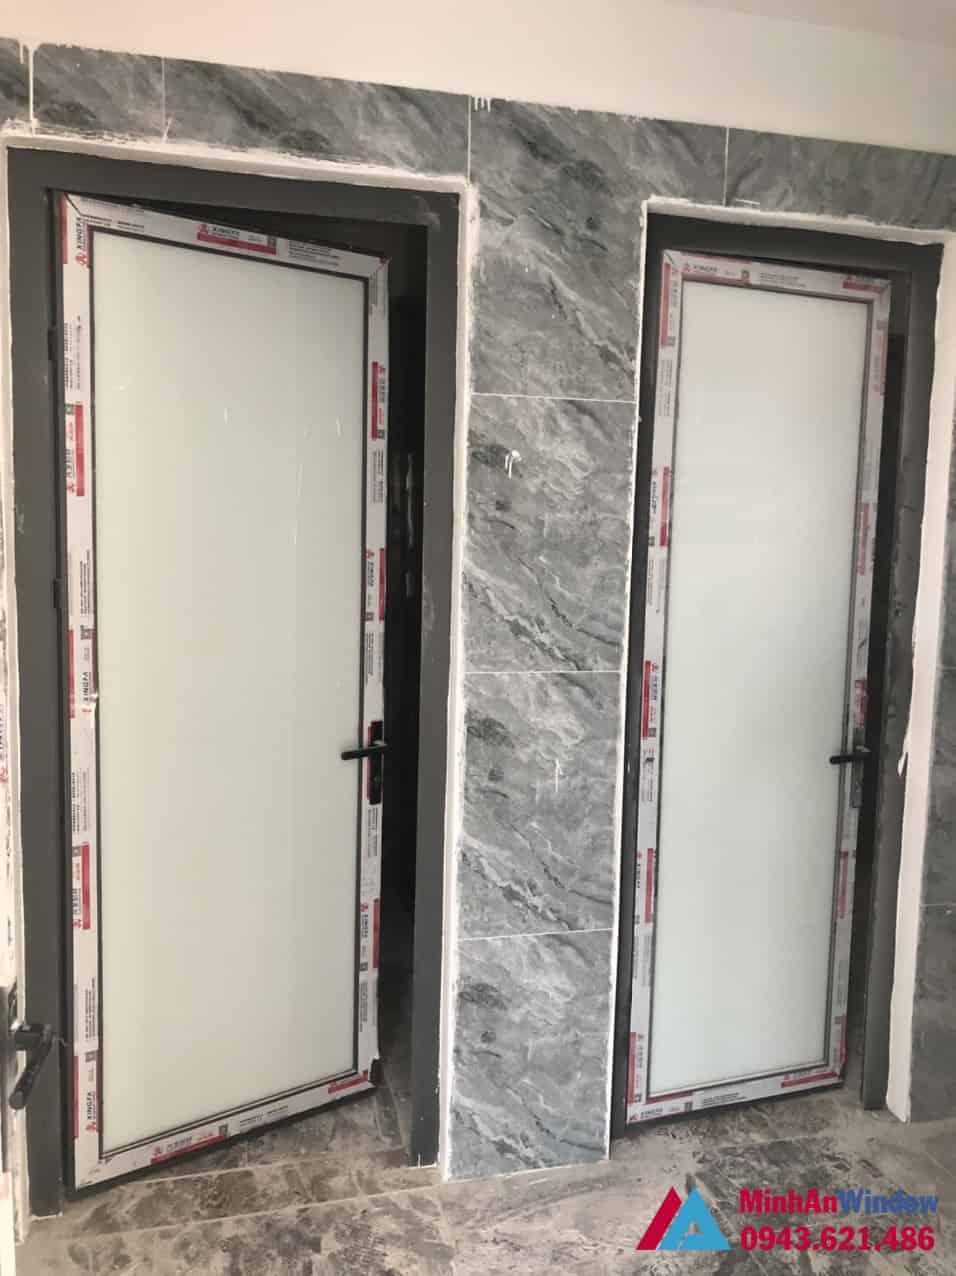 Mẫu cửa đi nhôm kính 1 cánh - Minh An Window thiết kế và thi công